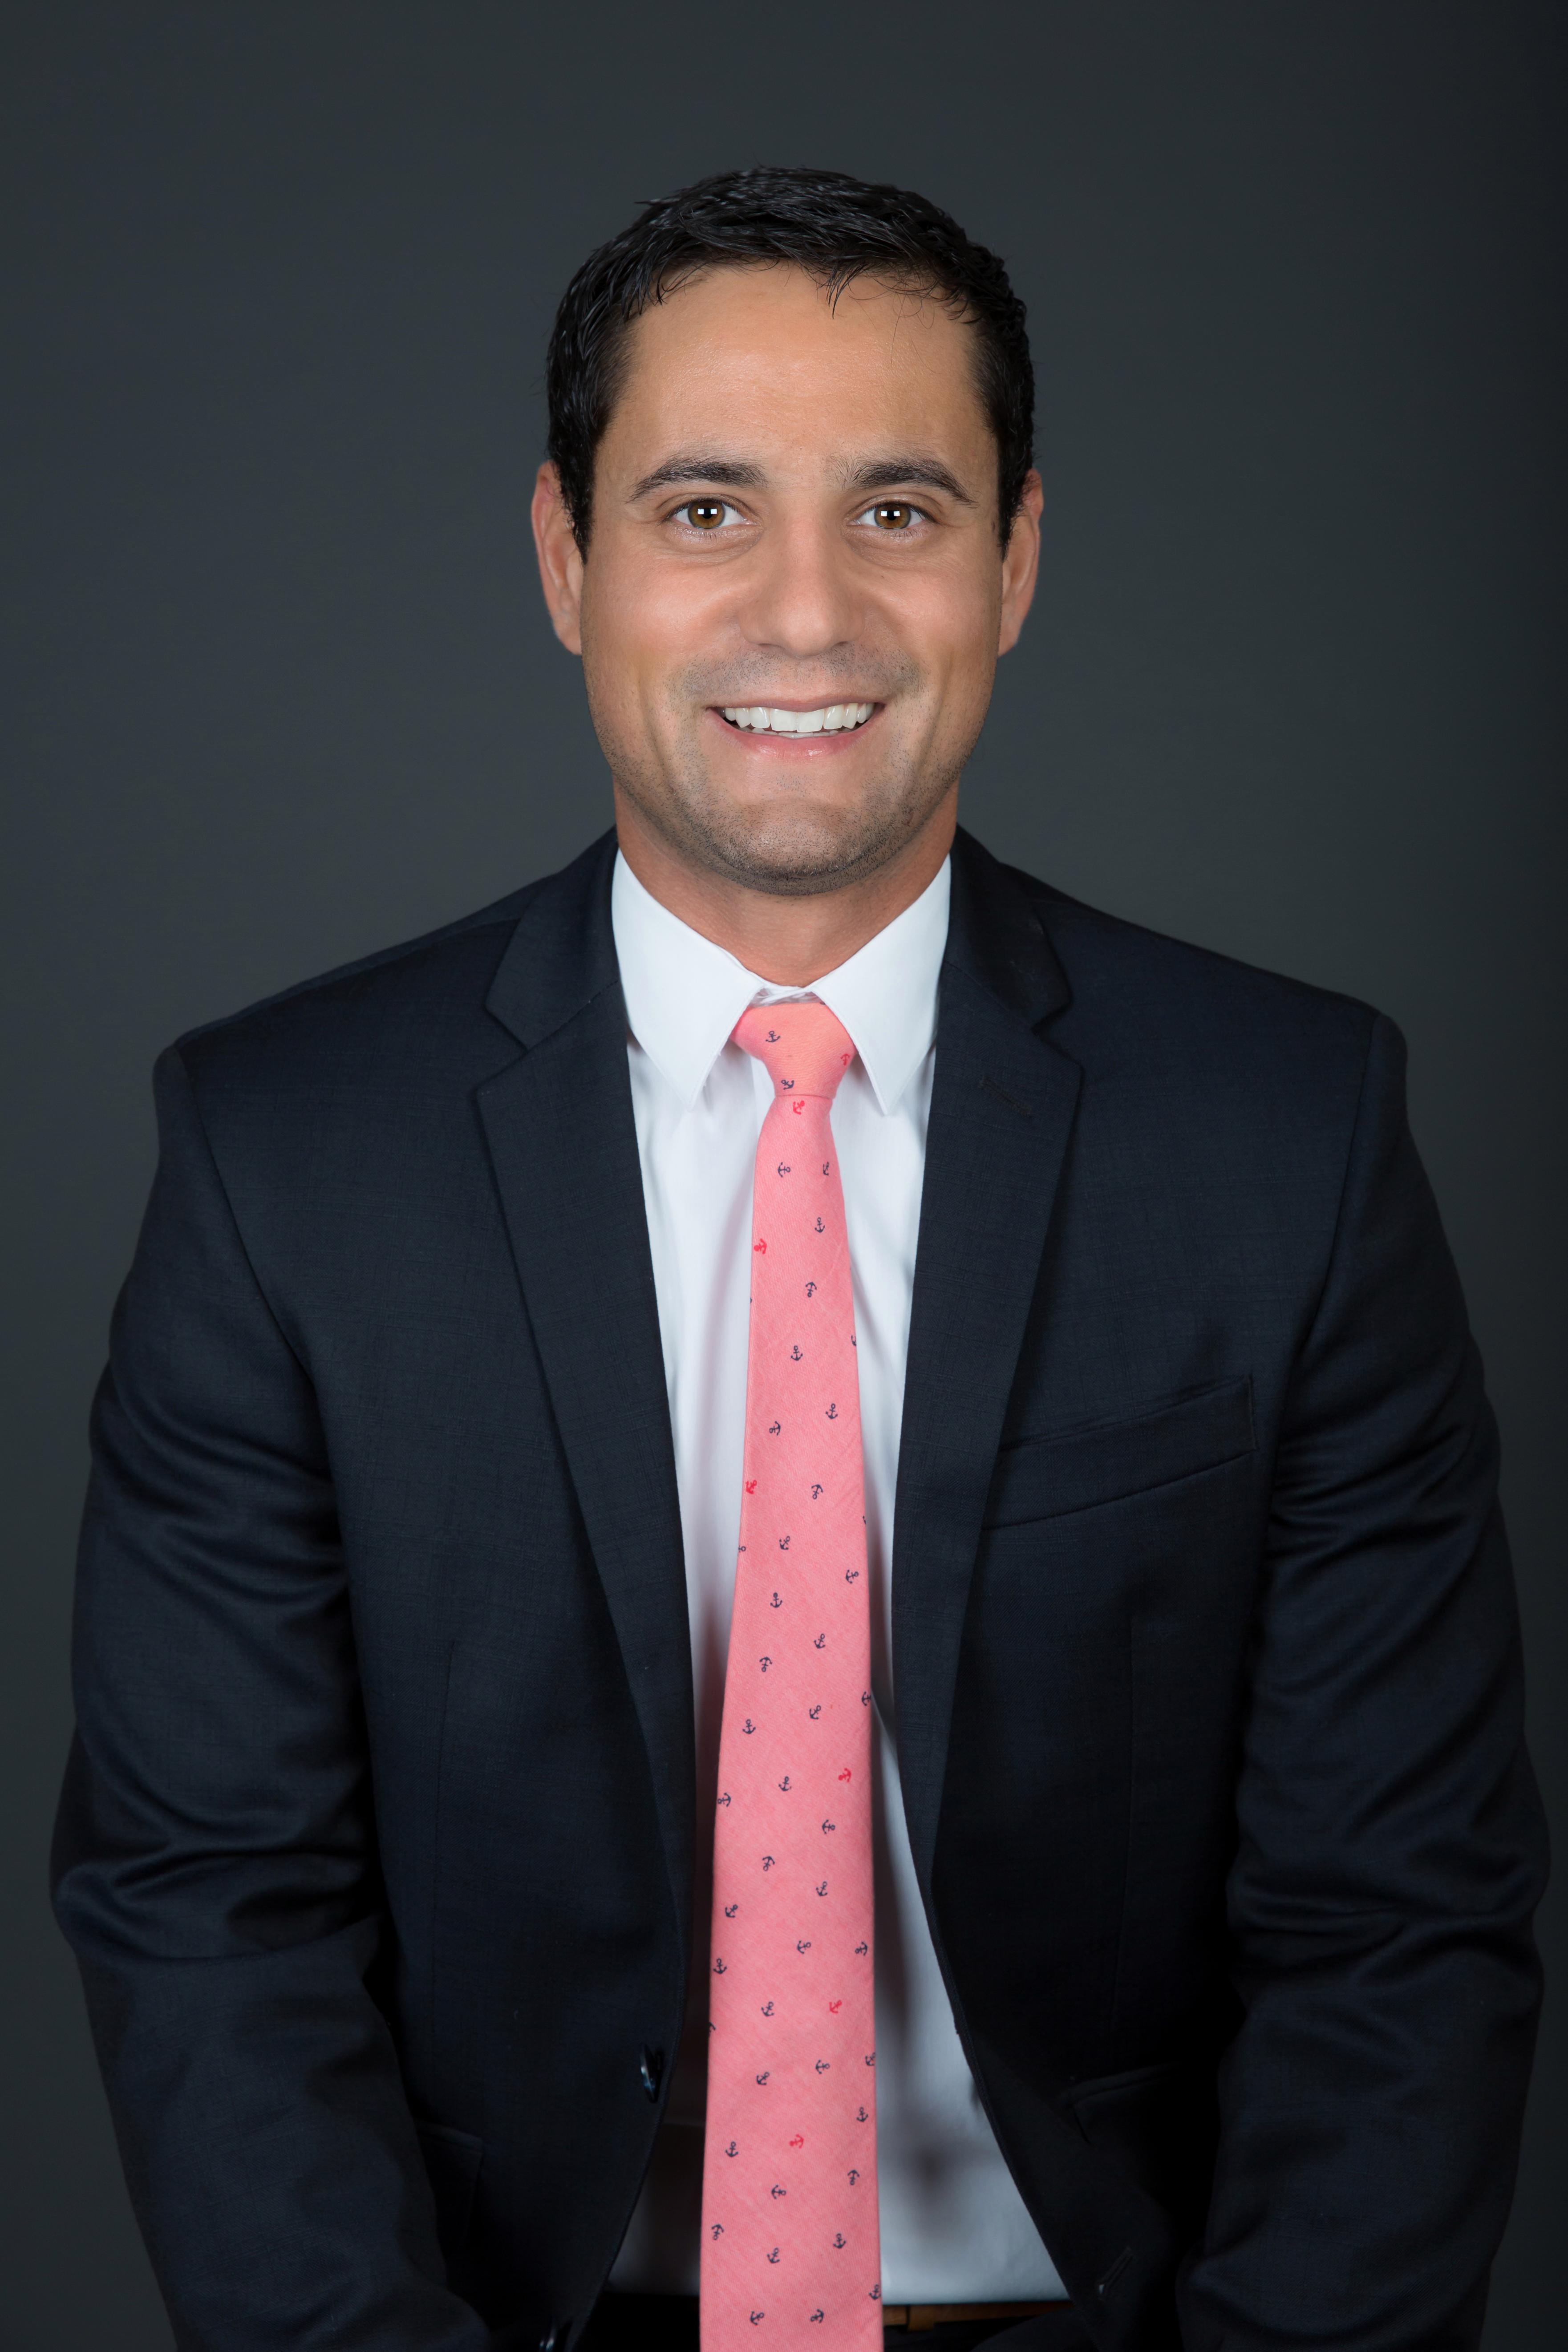 Gino J. Butto